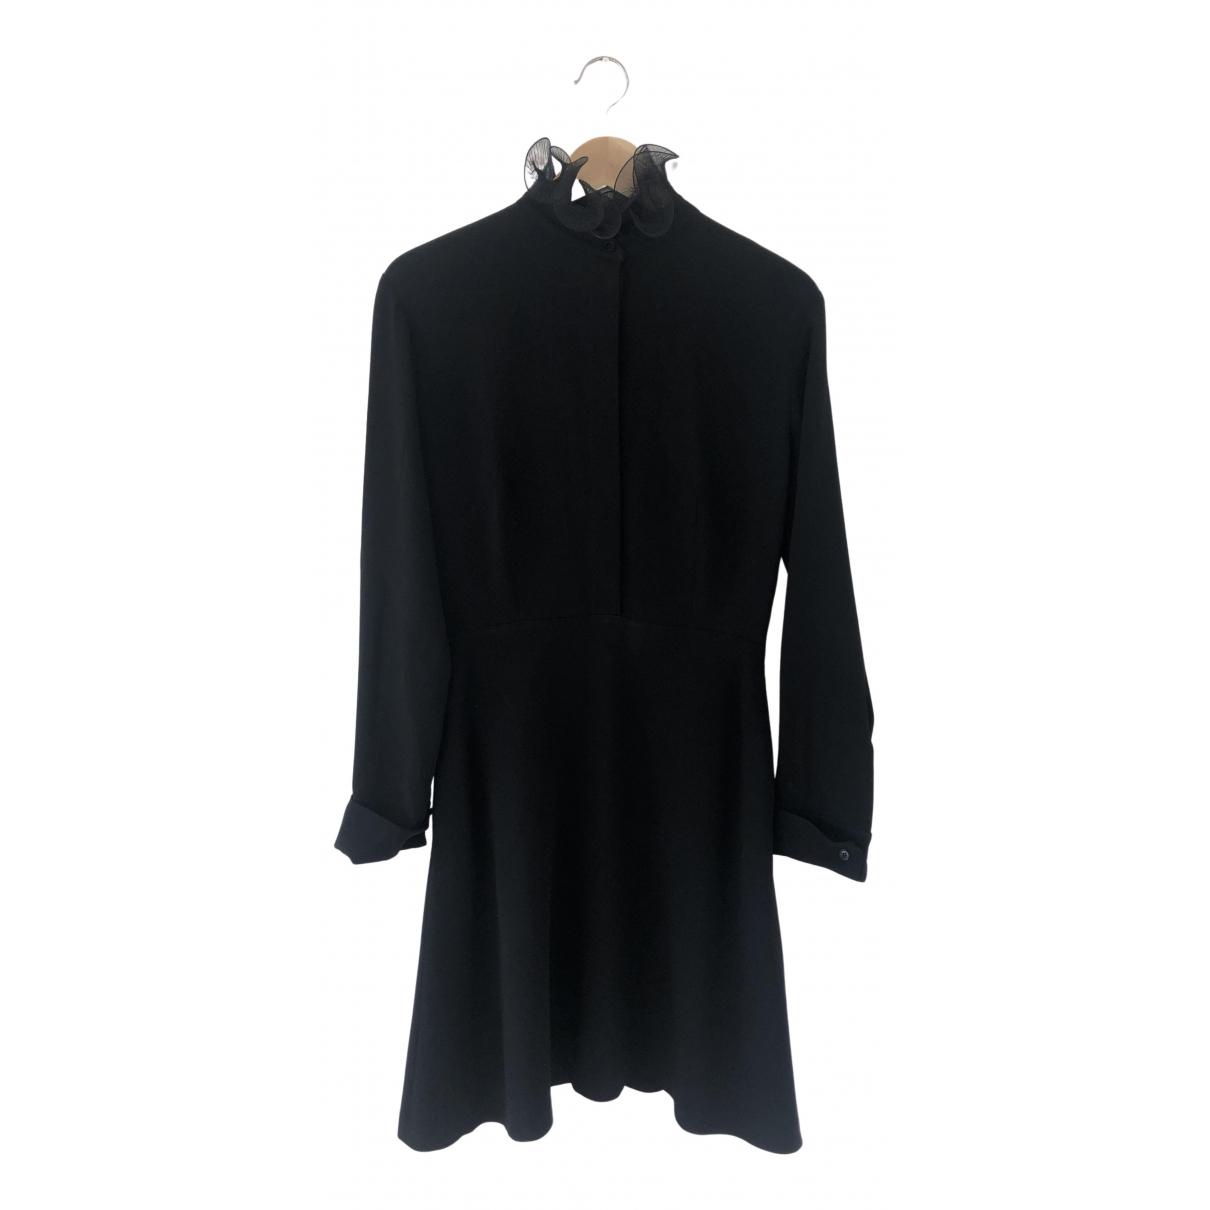 Stella Mccartney N Black dress for Women 40 IT